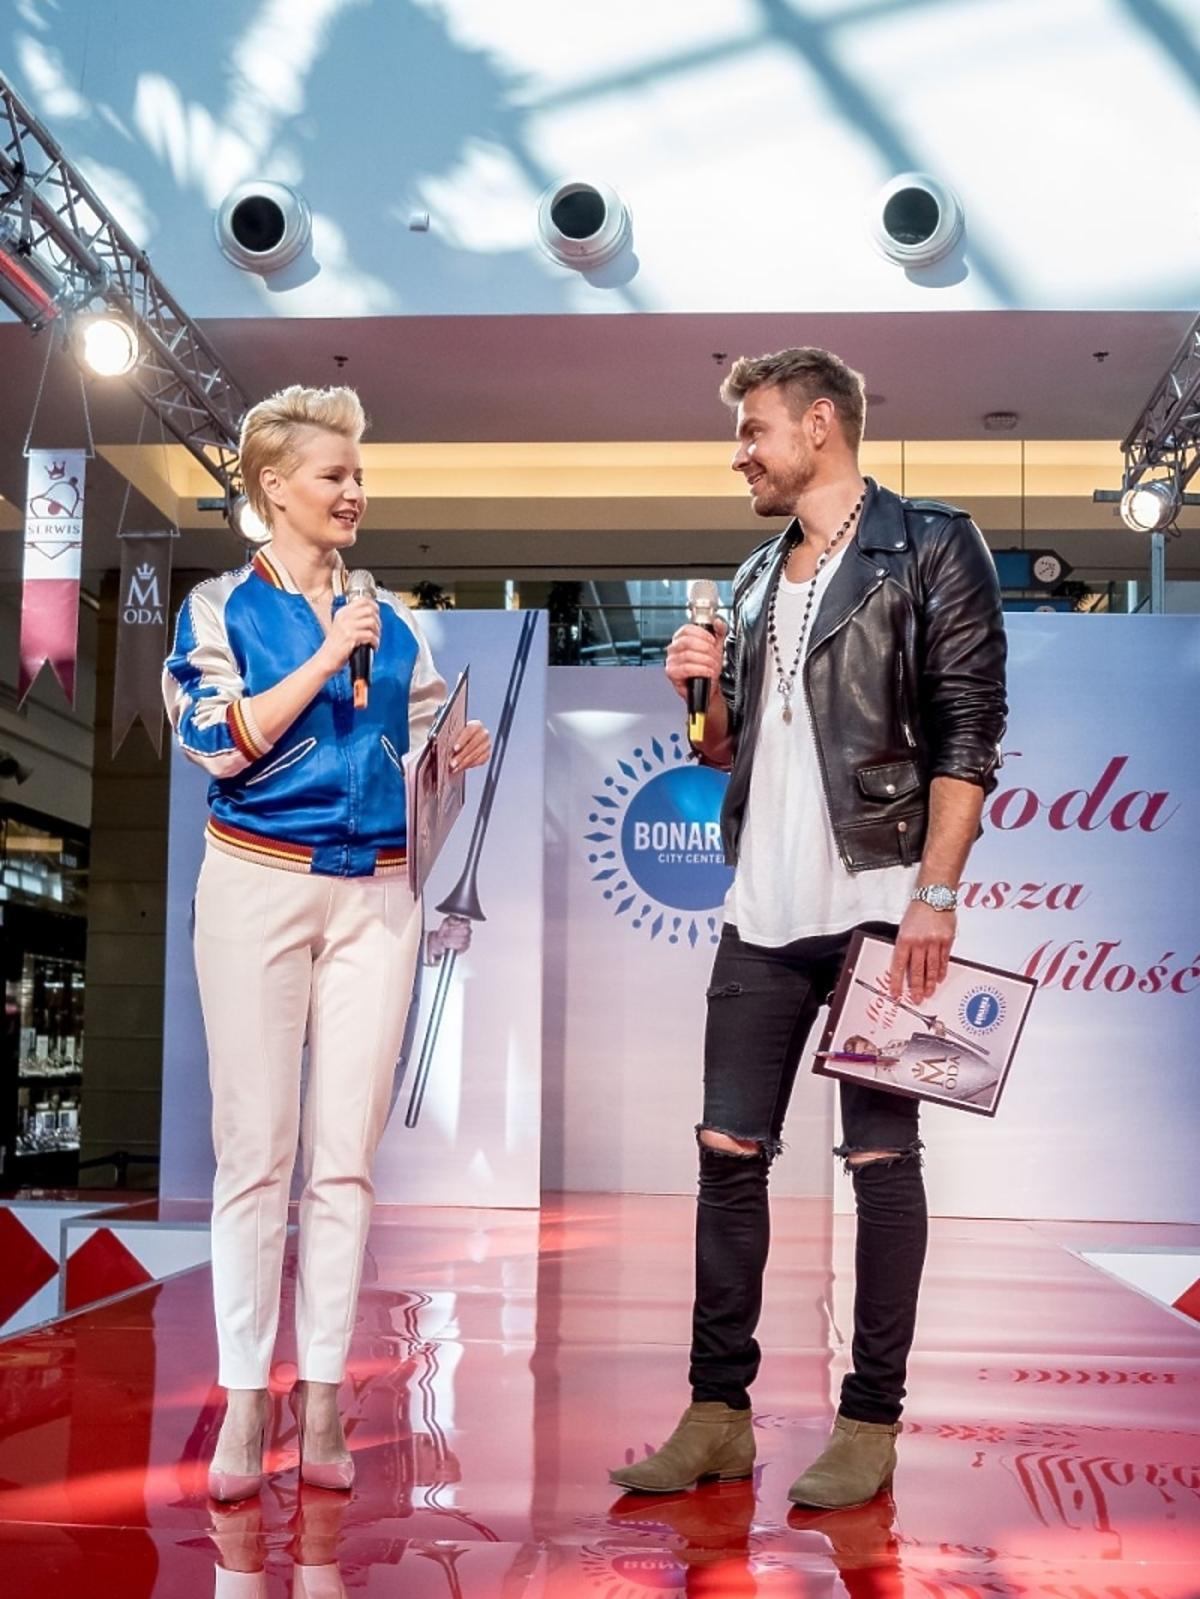 Małgorzata Kożuchowska i Dawid Woliński w Bonarce